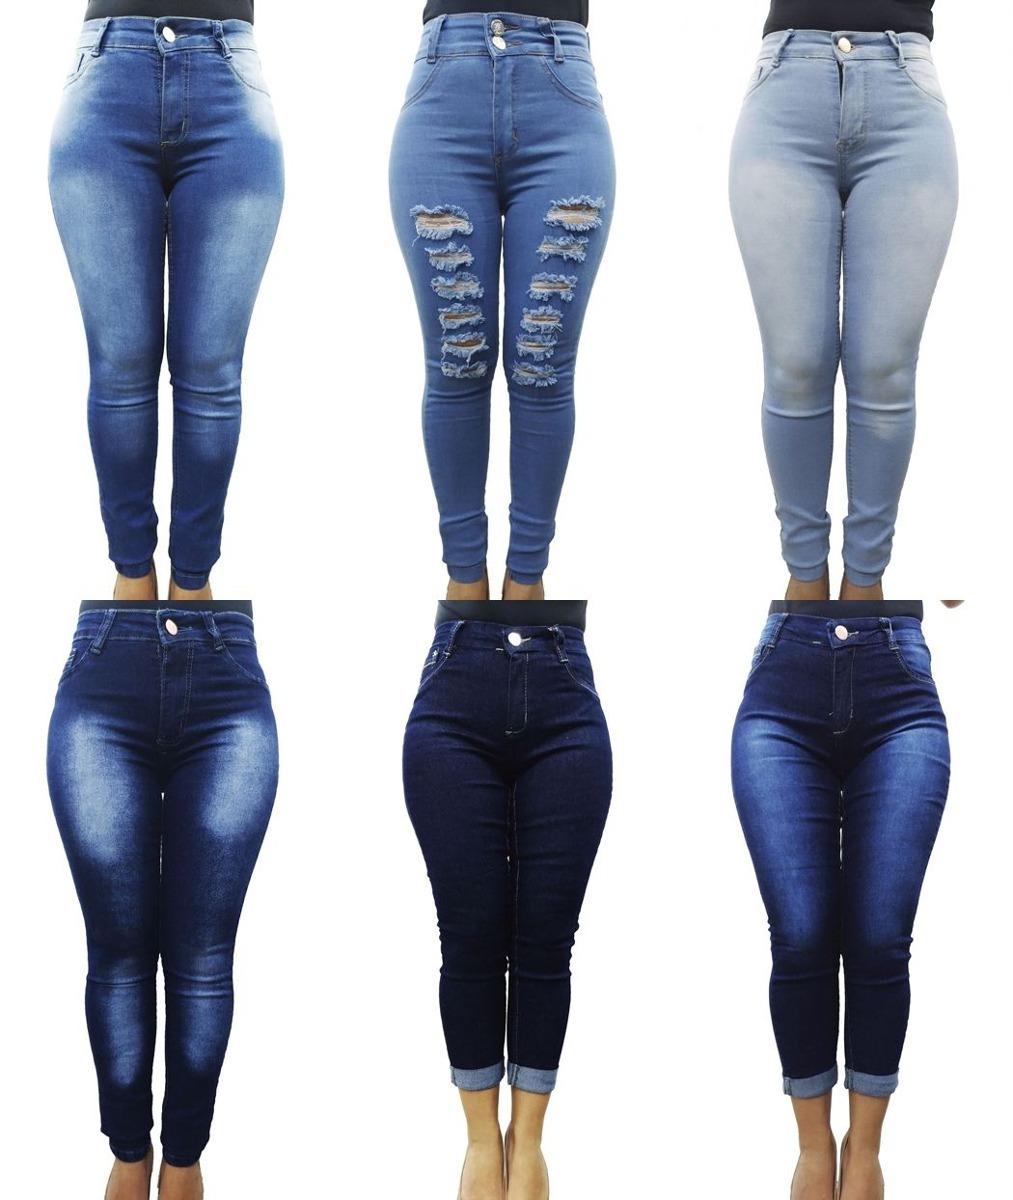 8a4bde953 kit 3 calças jeans feminina plus size cintura alta atacado c. Carregando  zoom.